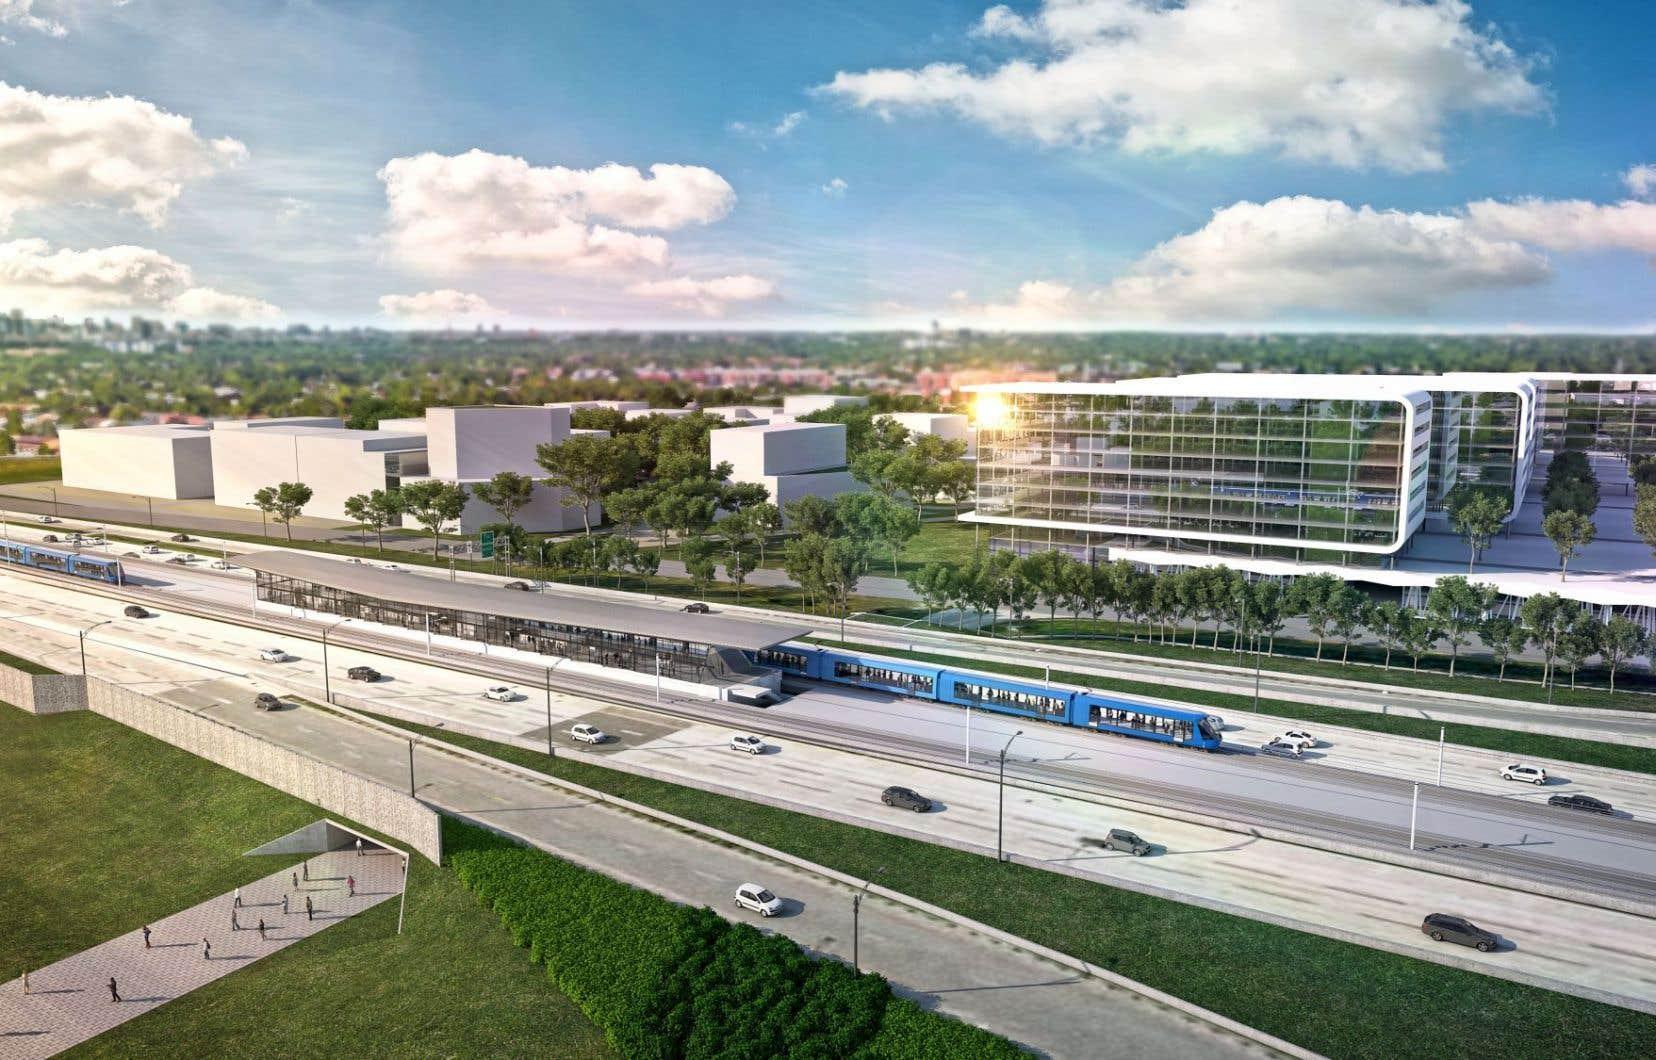 Avec son nouveau train, la Caisse de dépôt compte réussir à convertir des automobilistes aux vertus du transport collectif.